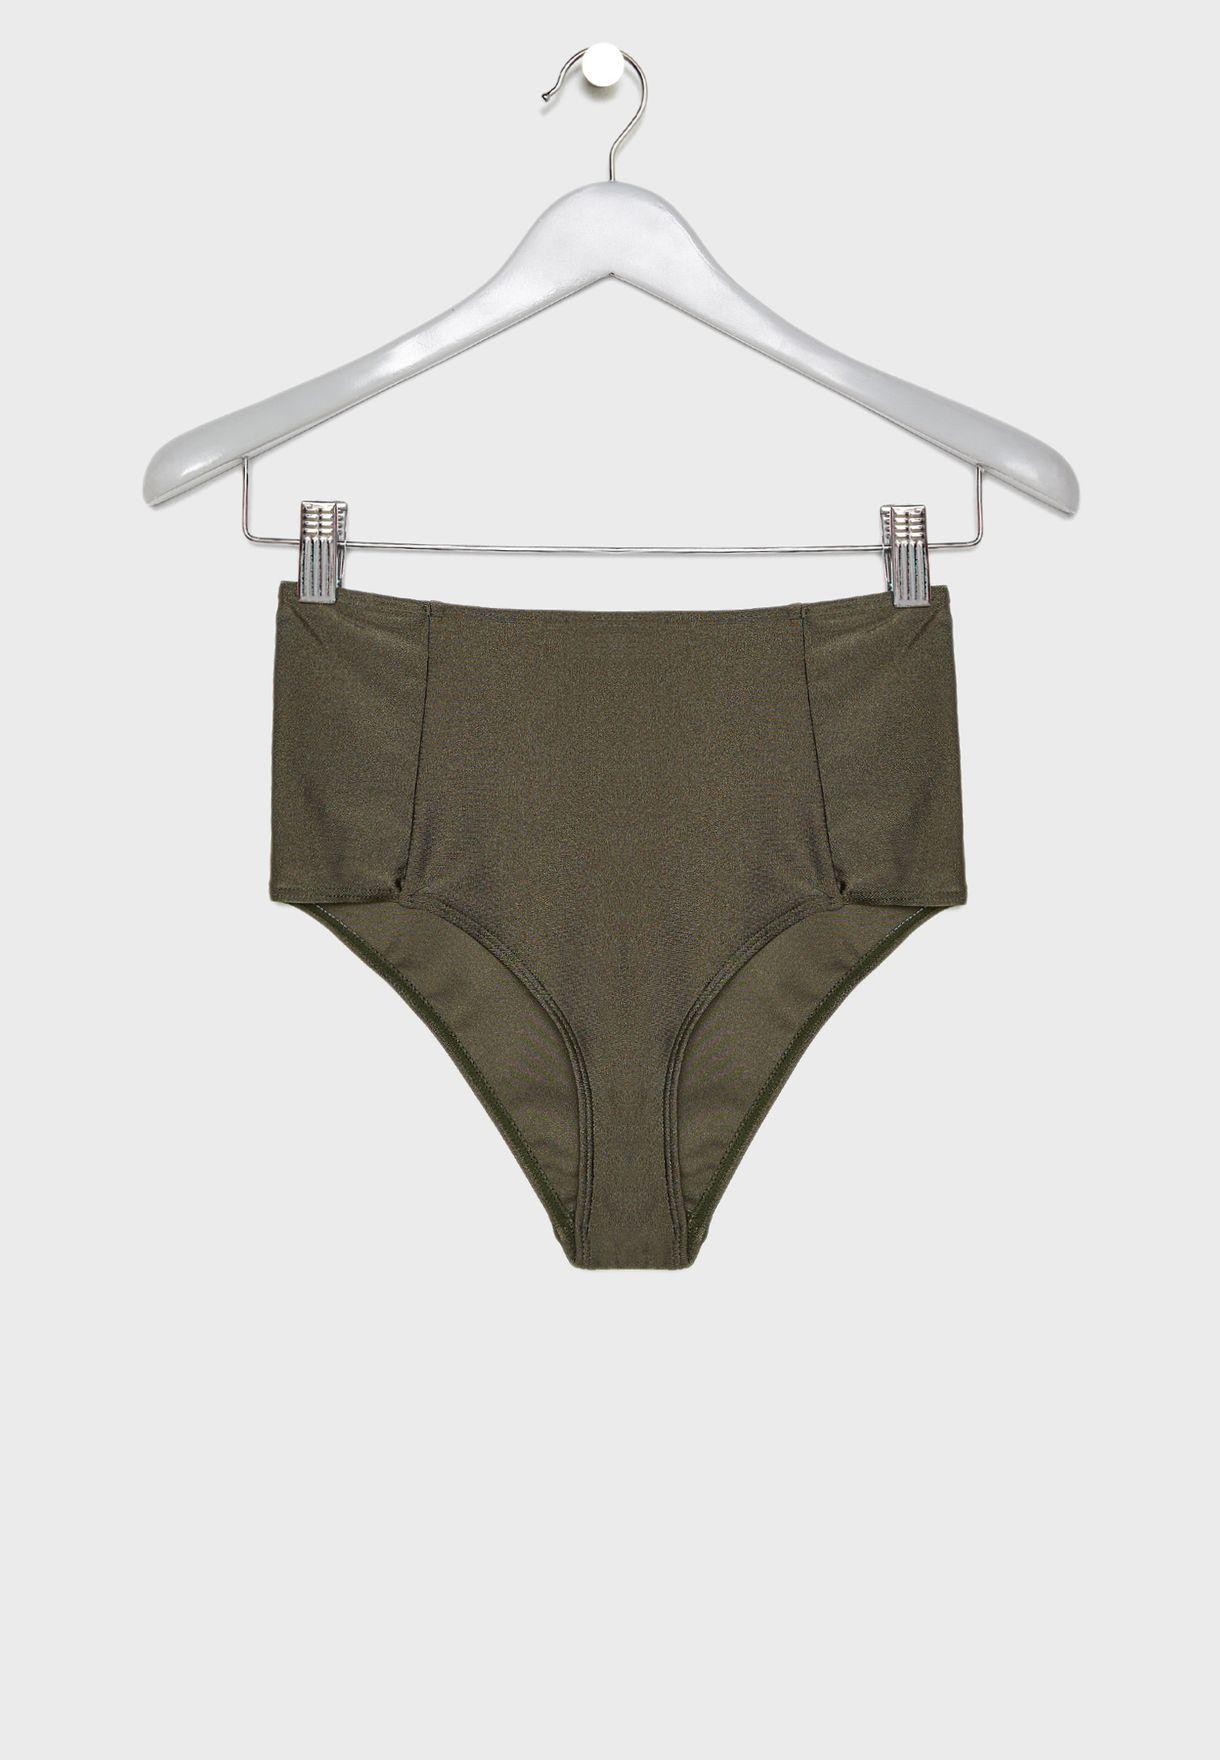 90544cb12 Shop Missguided khaki High Waist Bikini Bottom WXL4229879 for Women ...